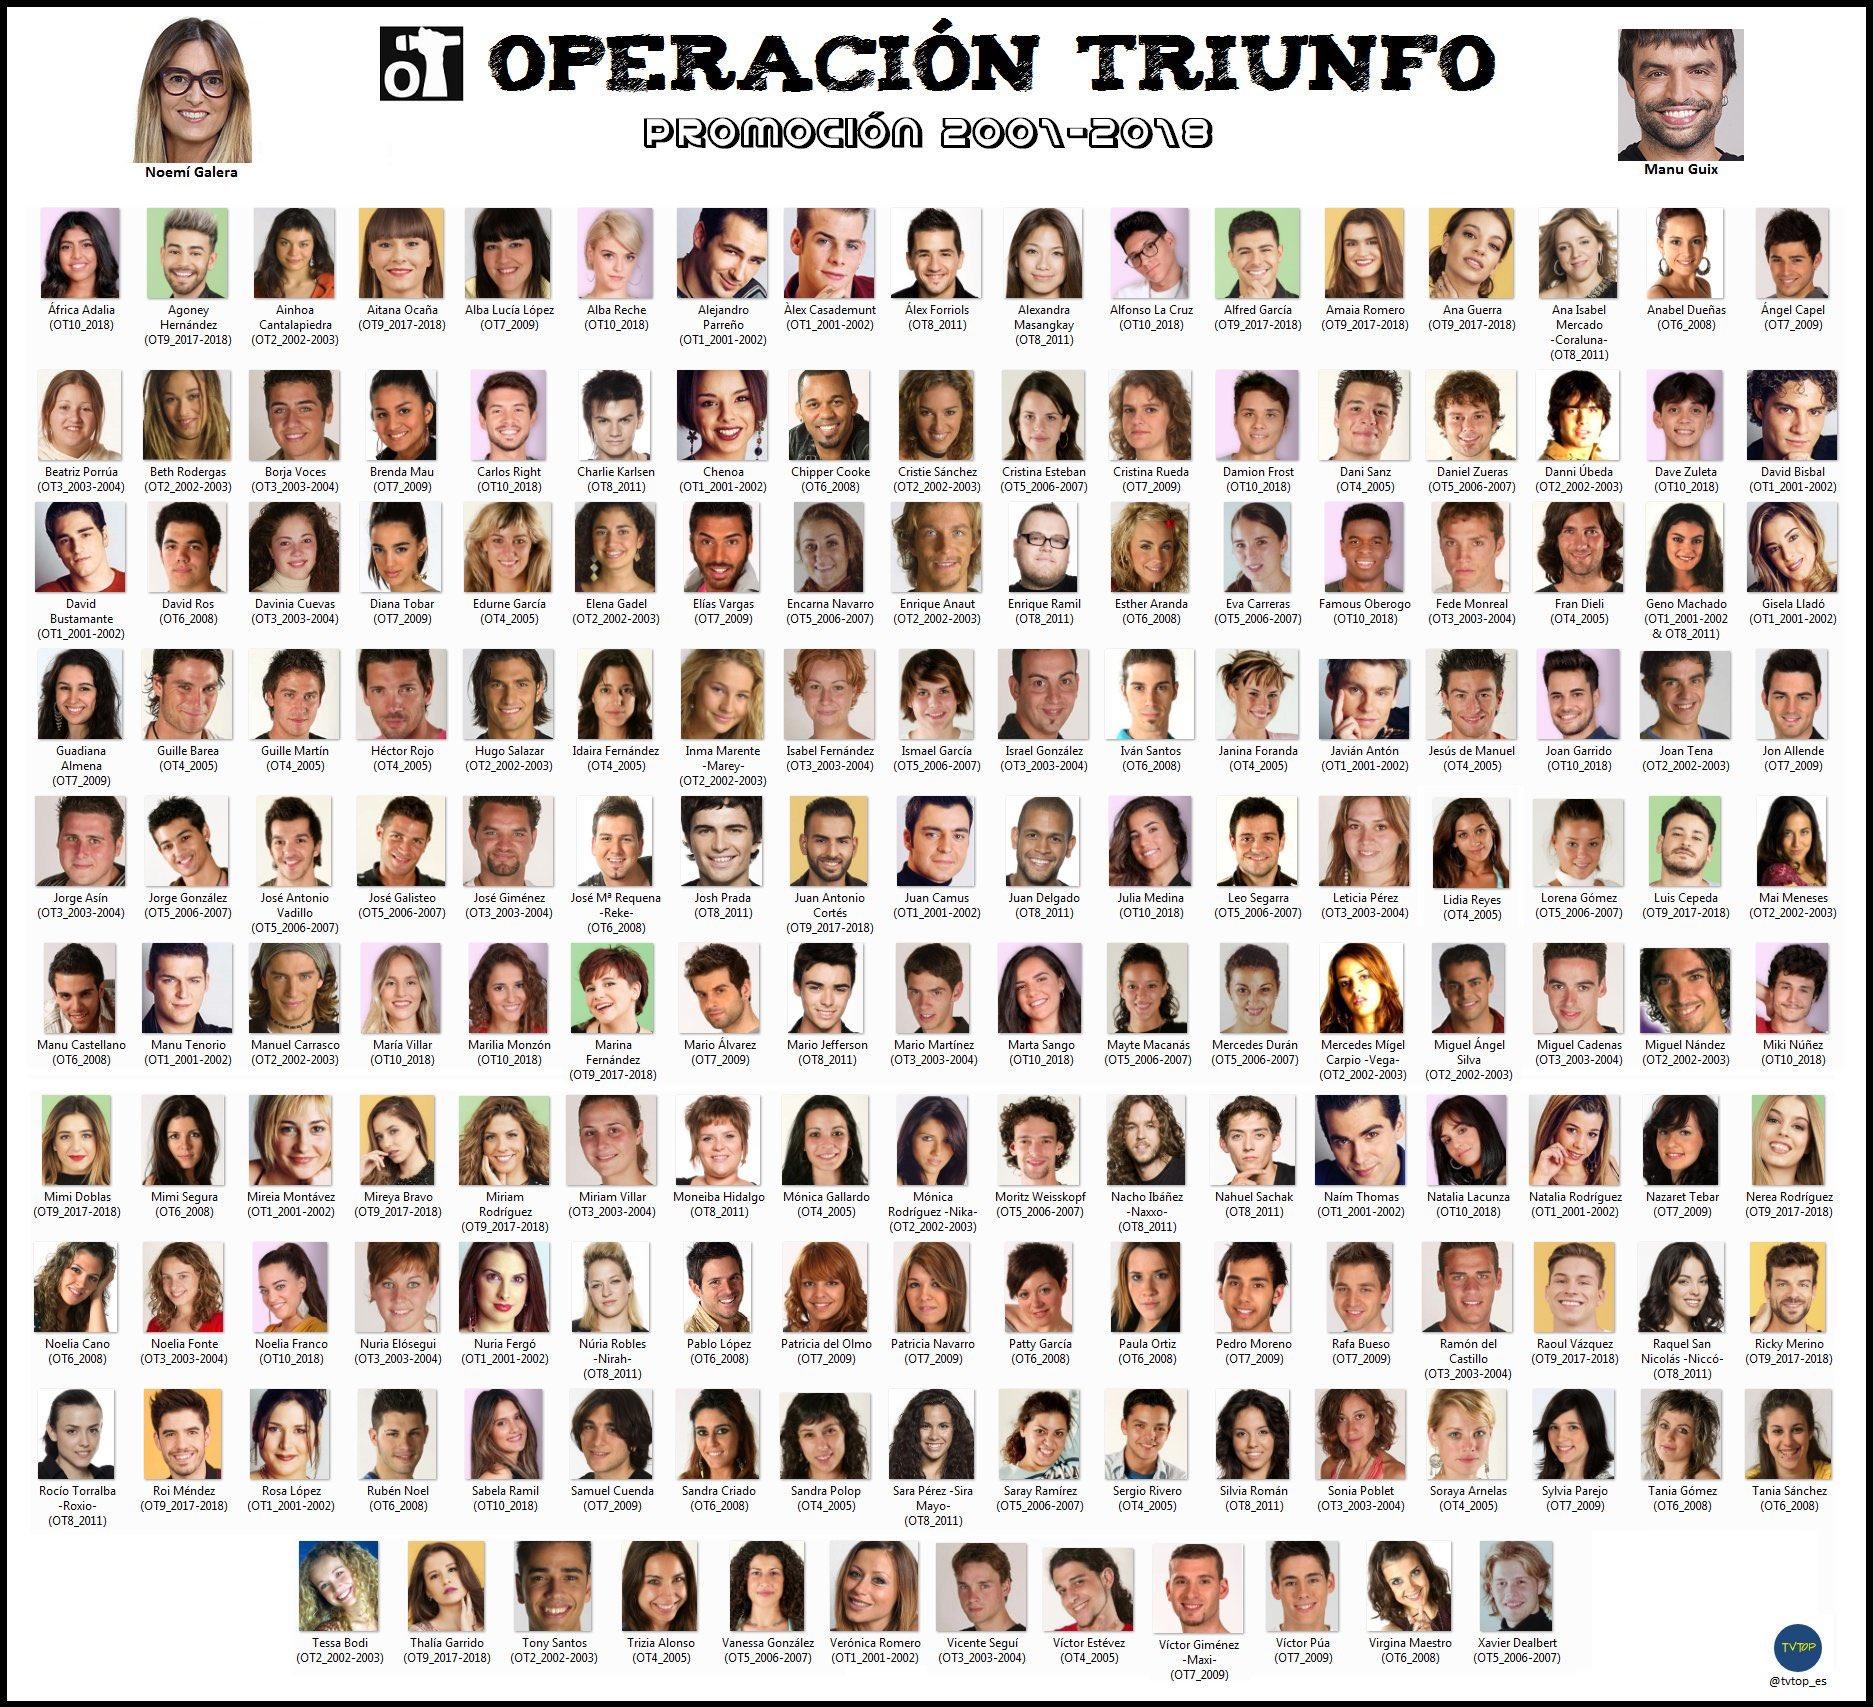 Las medidas de los concursantes de Operación Triunfo DwofhySX4AE_eey?format=jpg&name=large